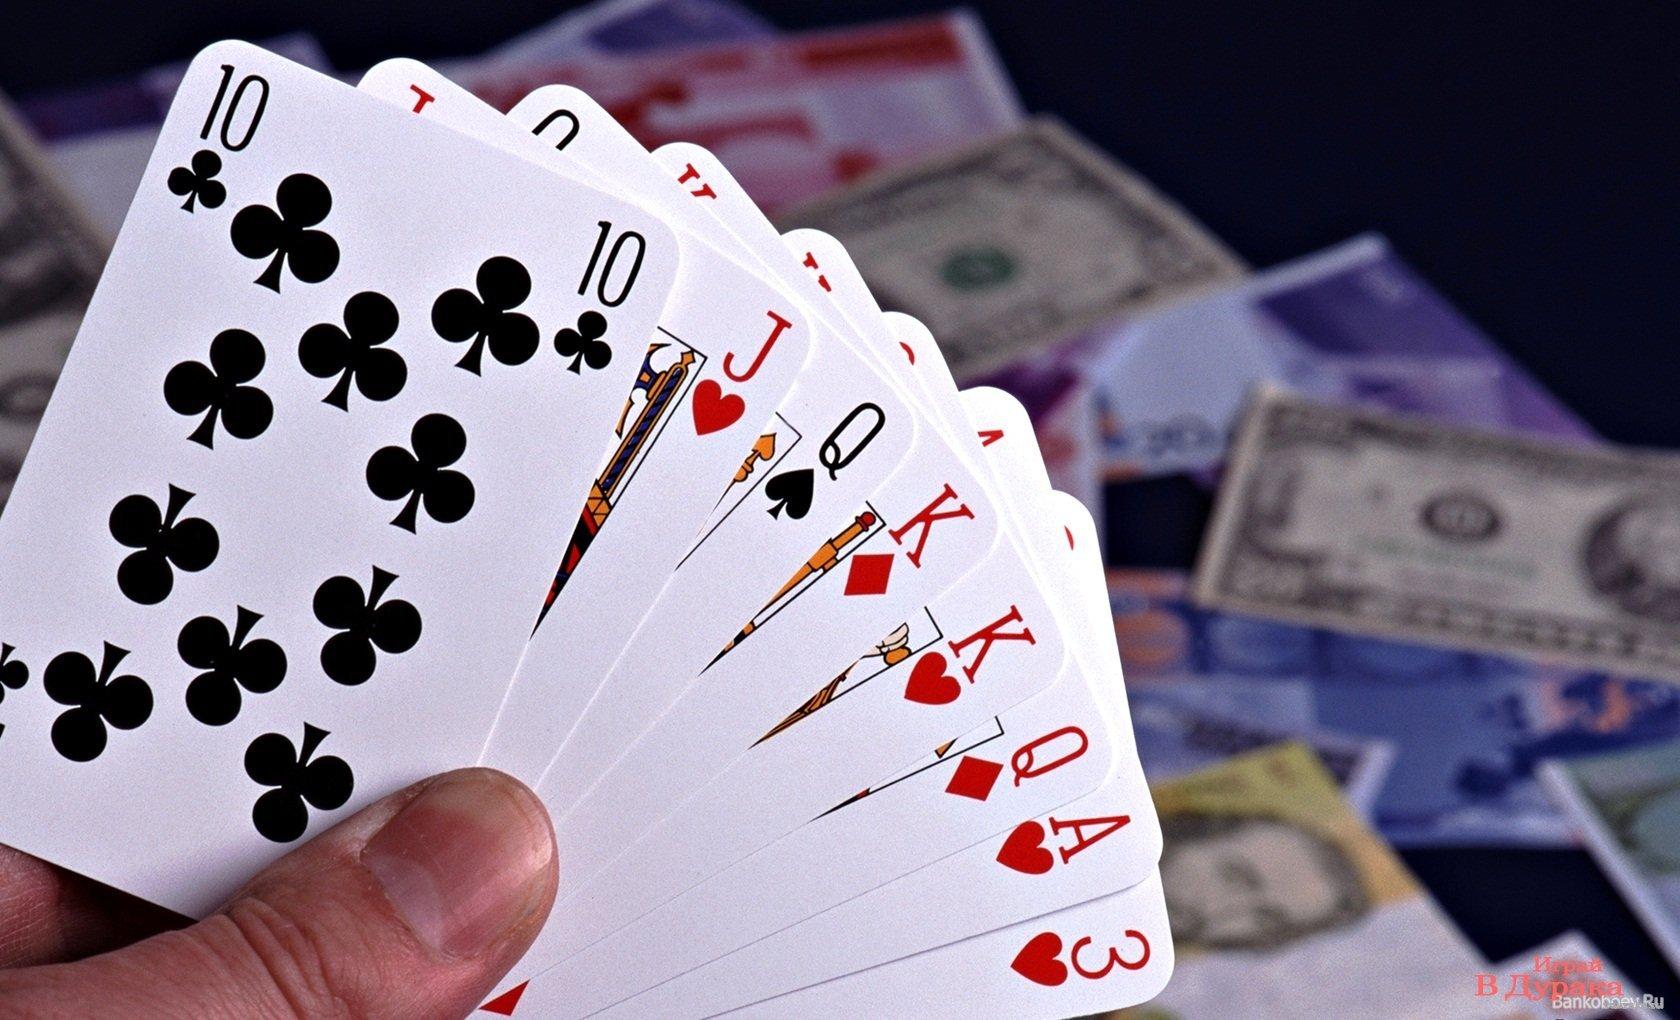 Карточные игры онлайн в казино Слотор на реальные деньги или бесплатно.Тут вы найдете видео покер, онлайн блэкджек, баккара и другие карточные игры в казино.